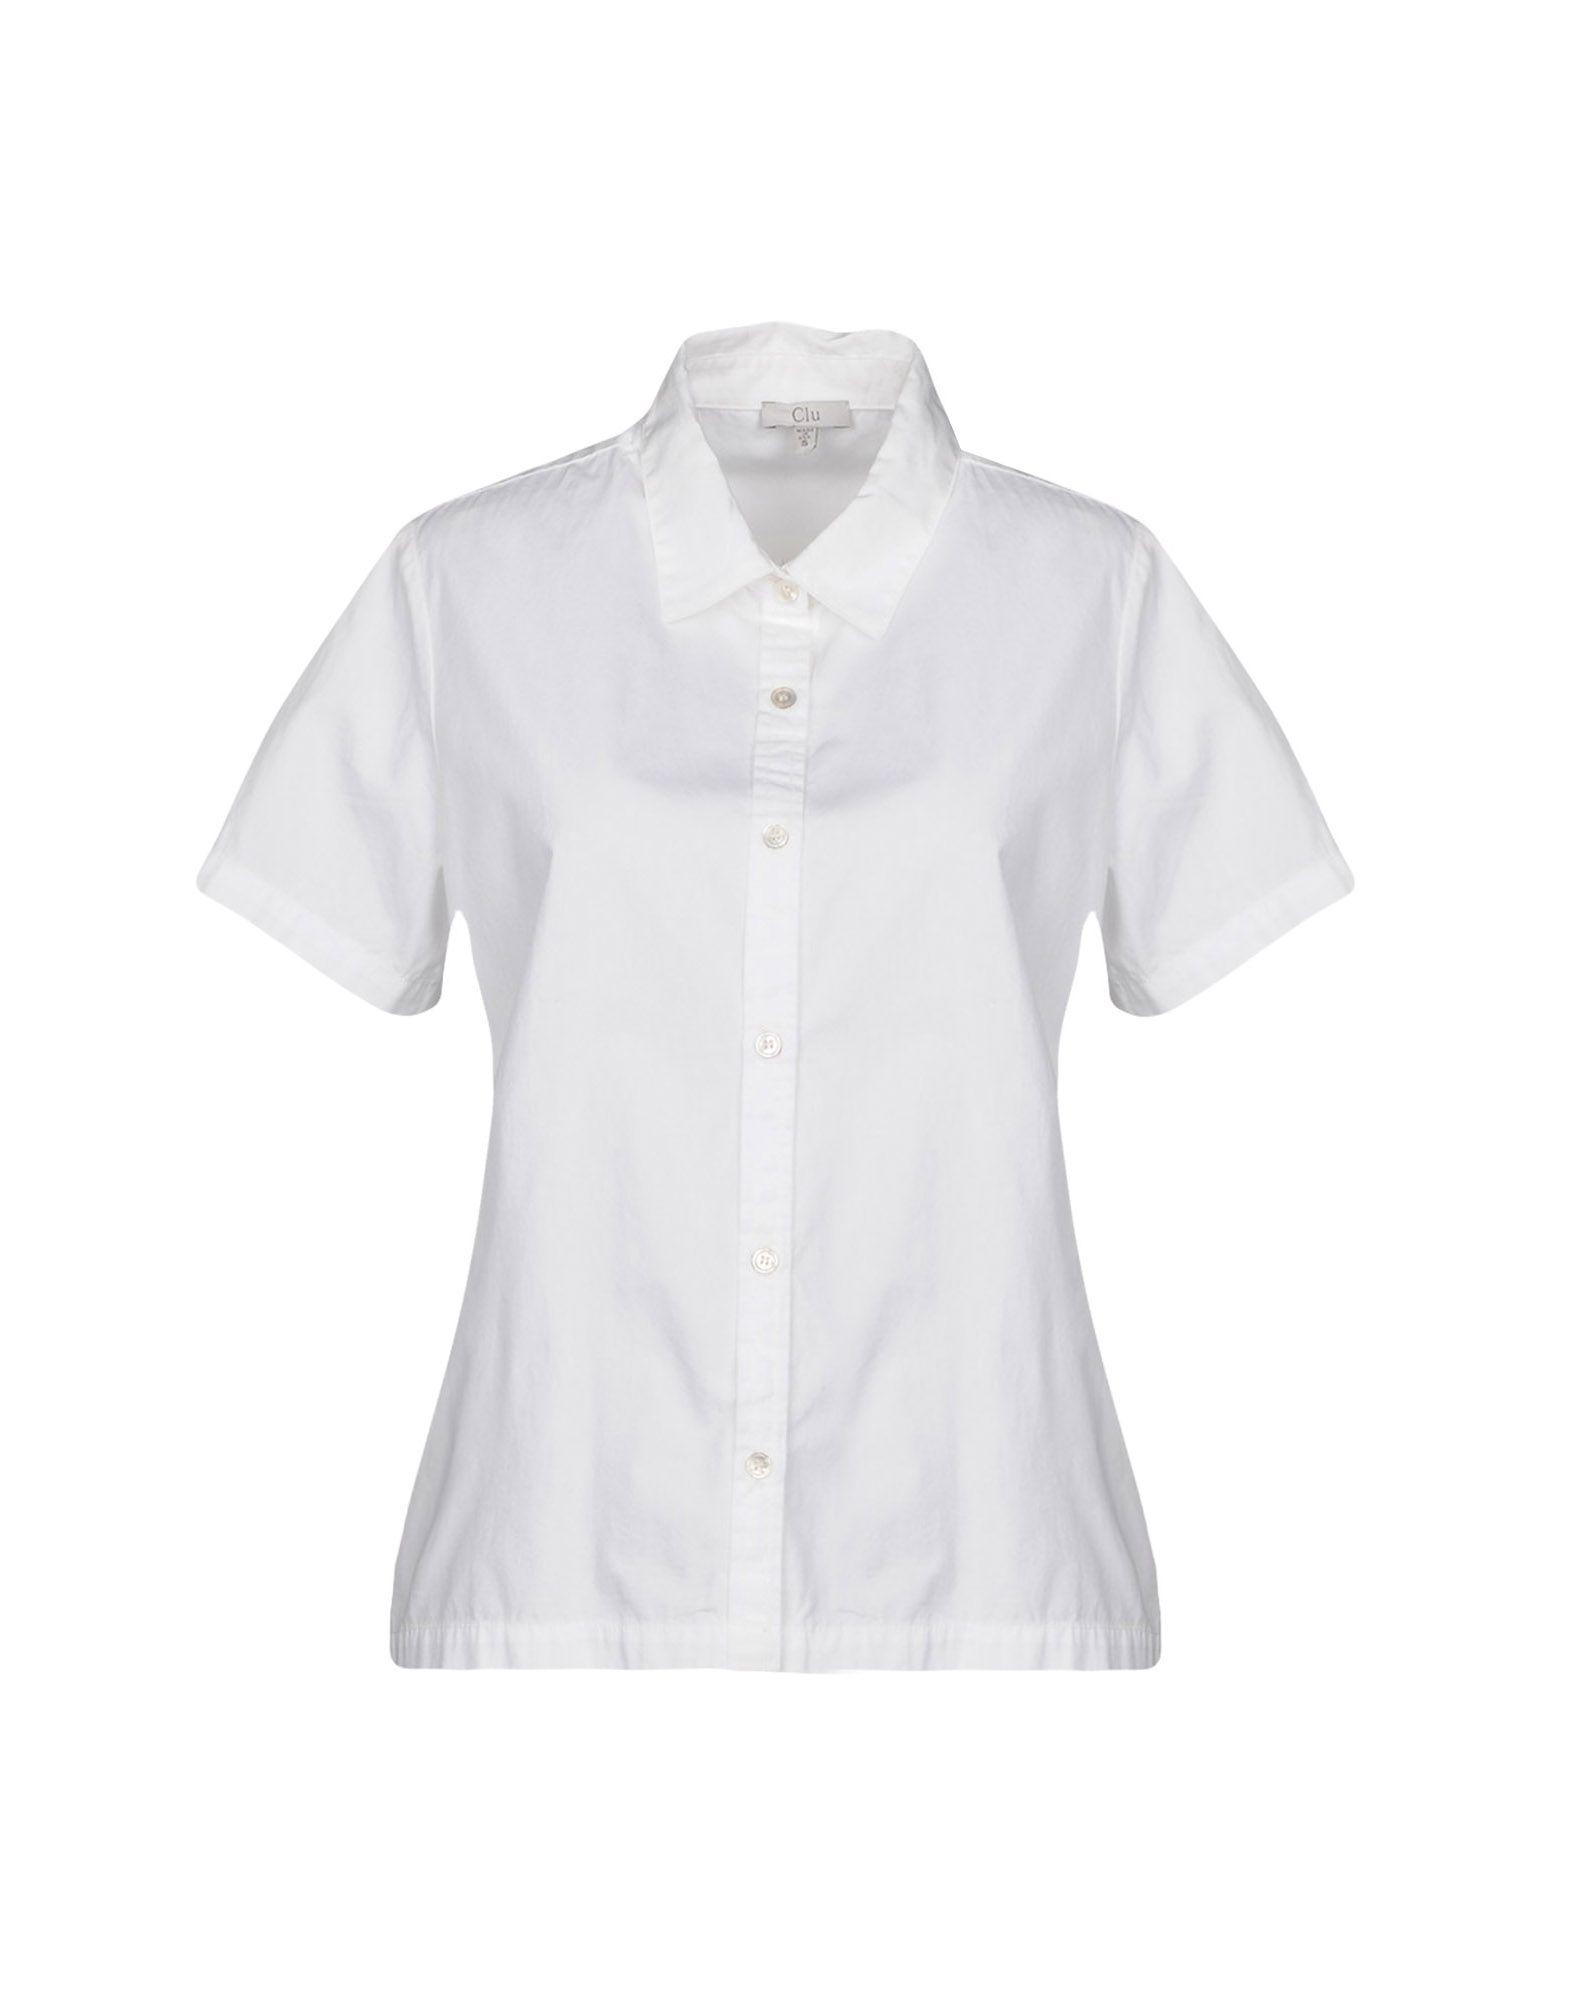 Camicie E bluse Tinta Unita Clu donna - - 38724349VO